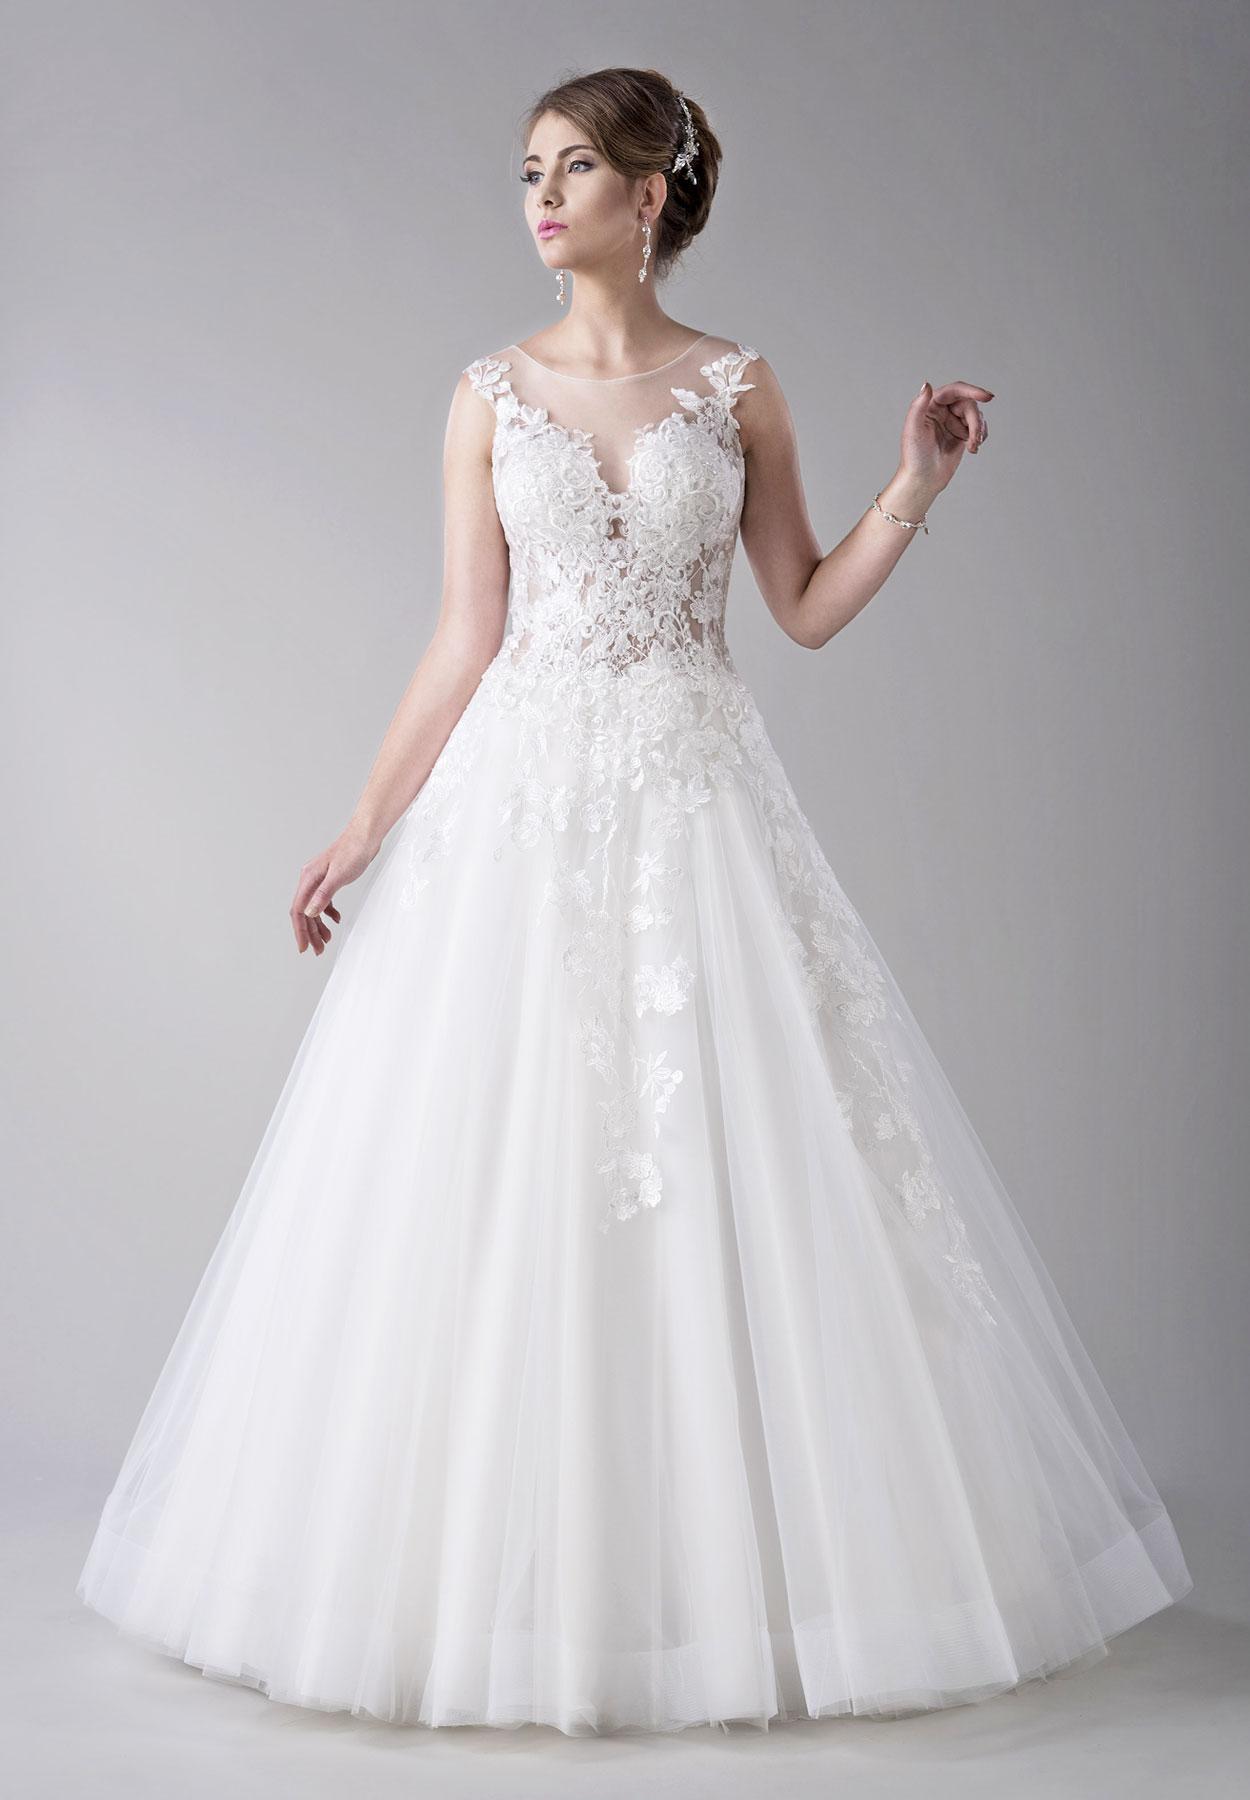 Romantisches Brautkleid mit Tattoospitze - Kleiderfreuden